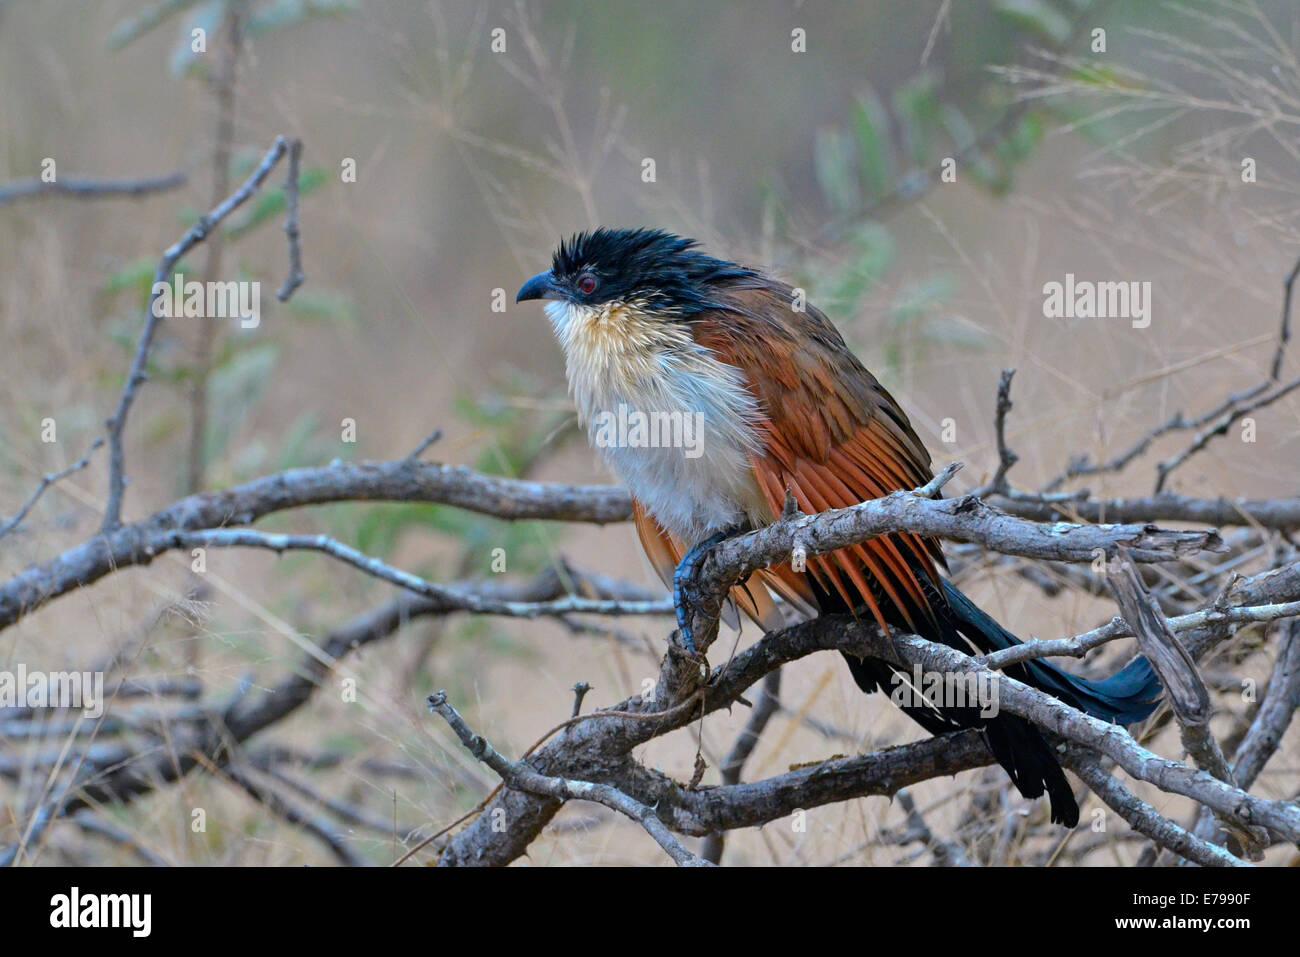 Nassen Burchell erholsam zusammengesunken auf einem Ast im Krüger Nationalpark, Südafrika Stockbild